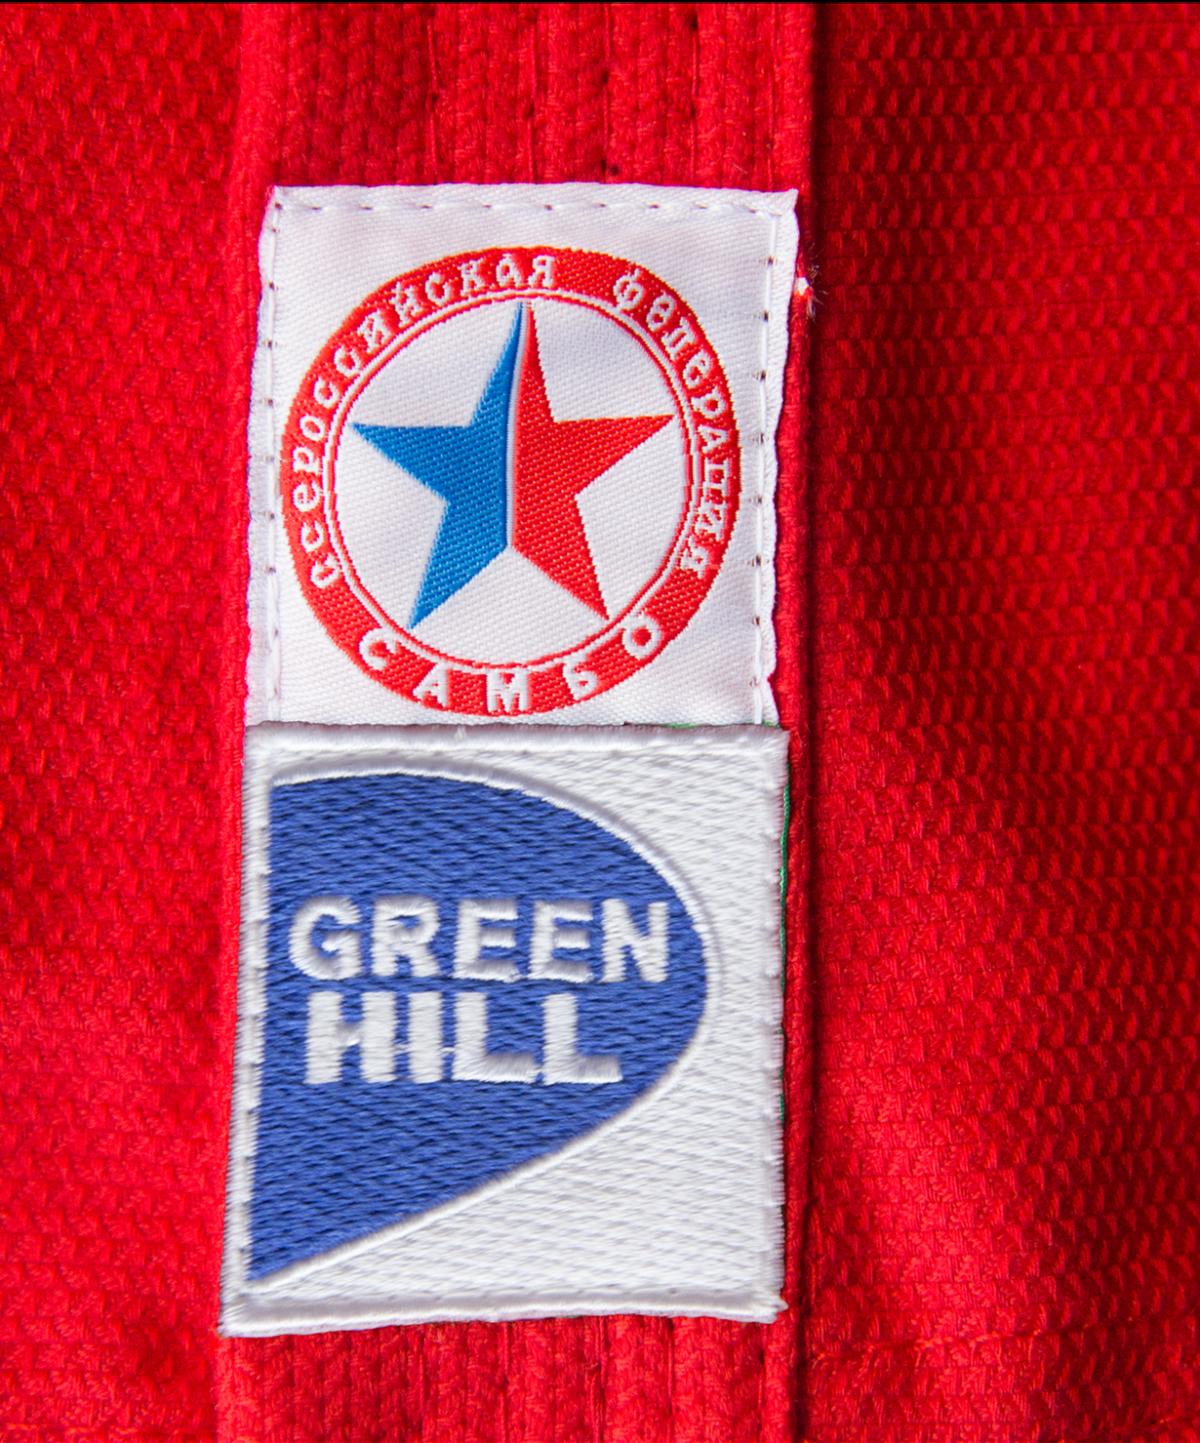 GREEN HILL Куртка для самбо  JS-303: красный - 2